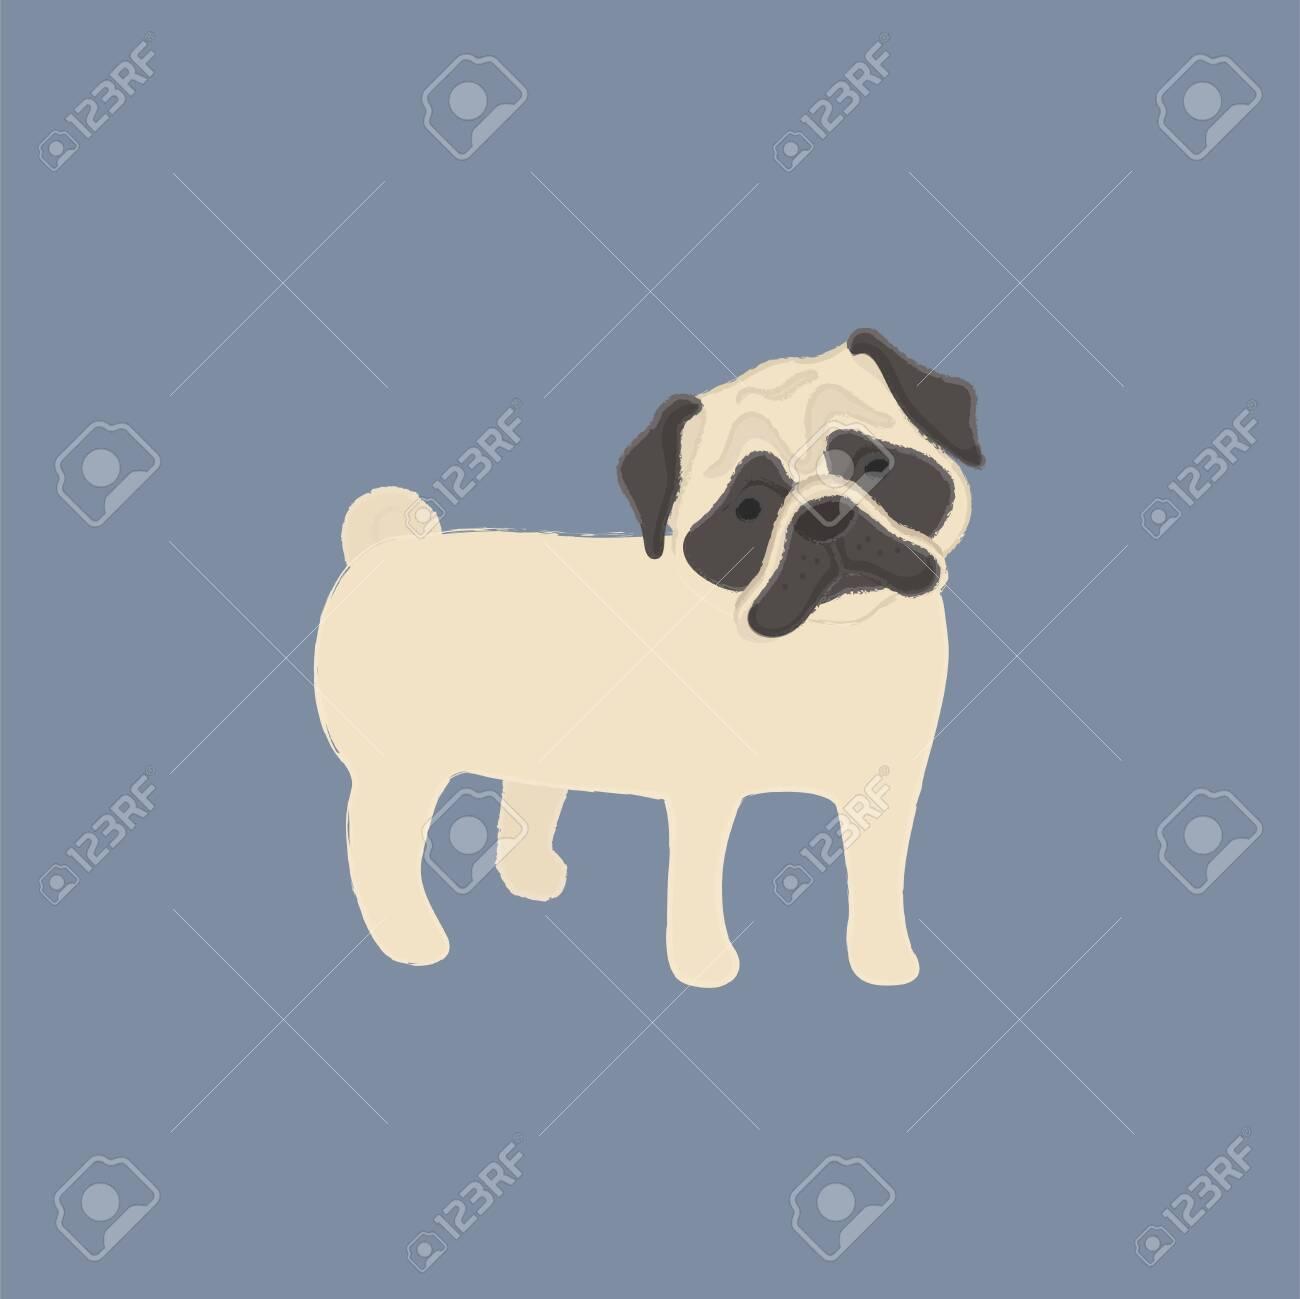 Illustration of a dog - 115728467